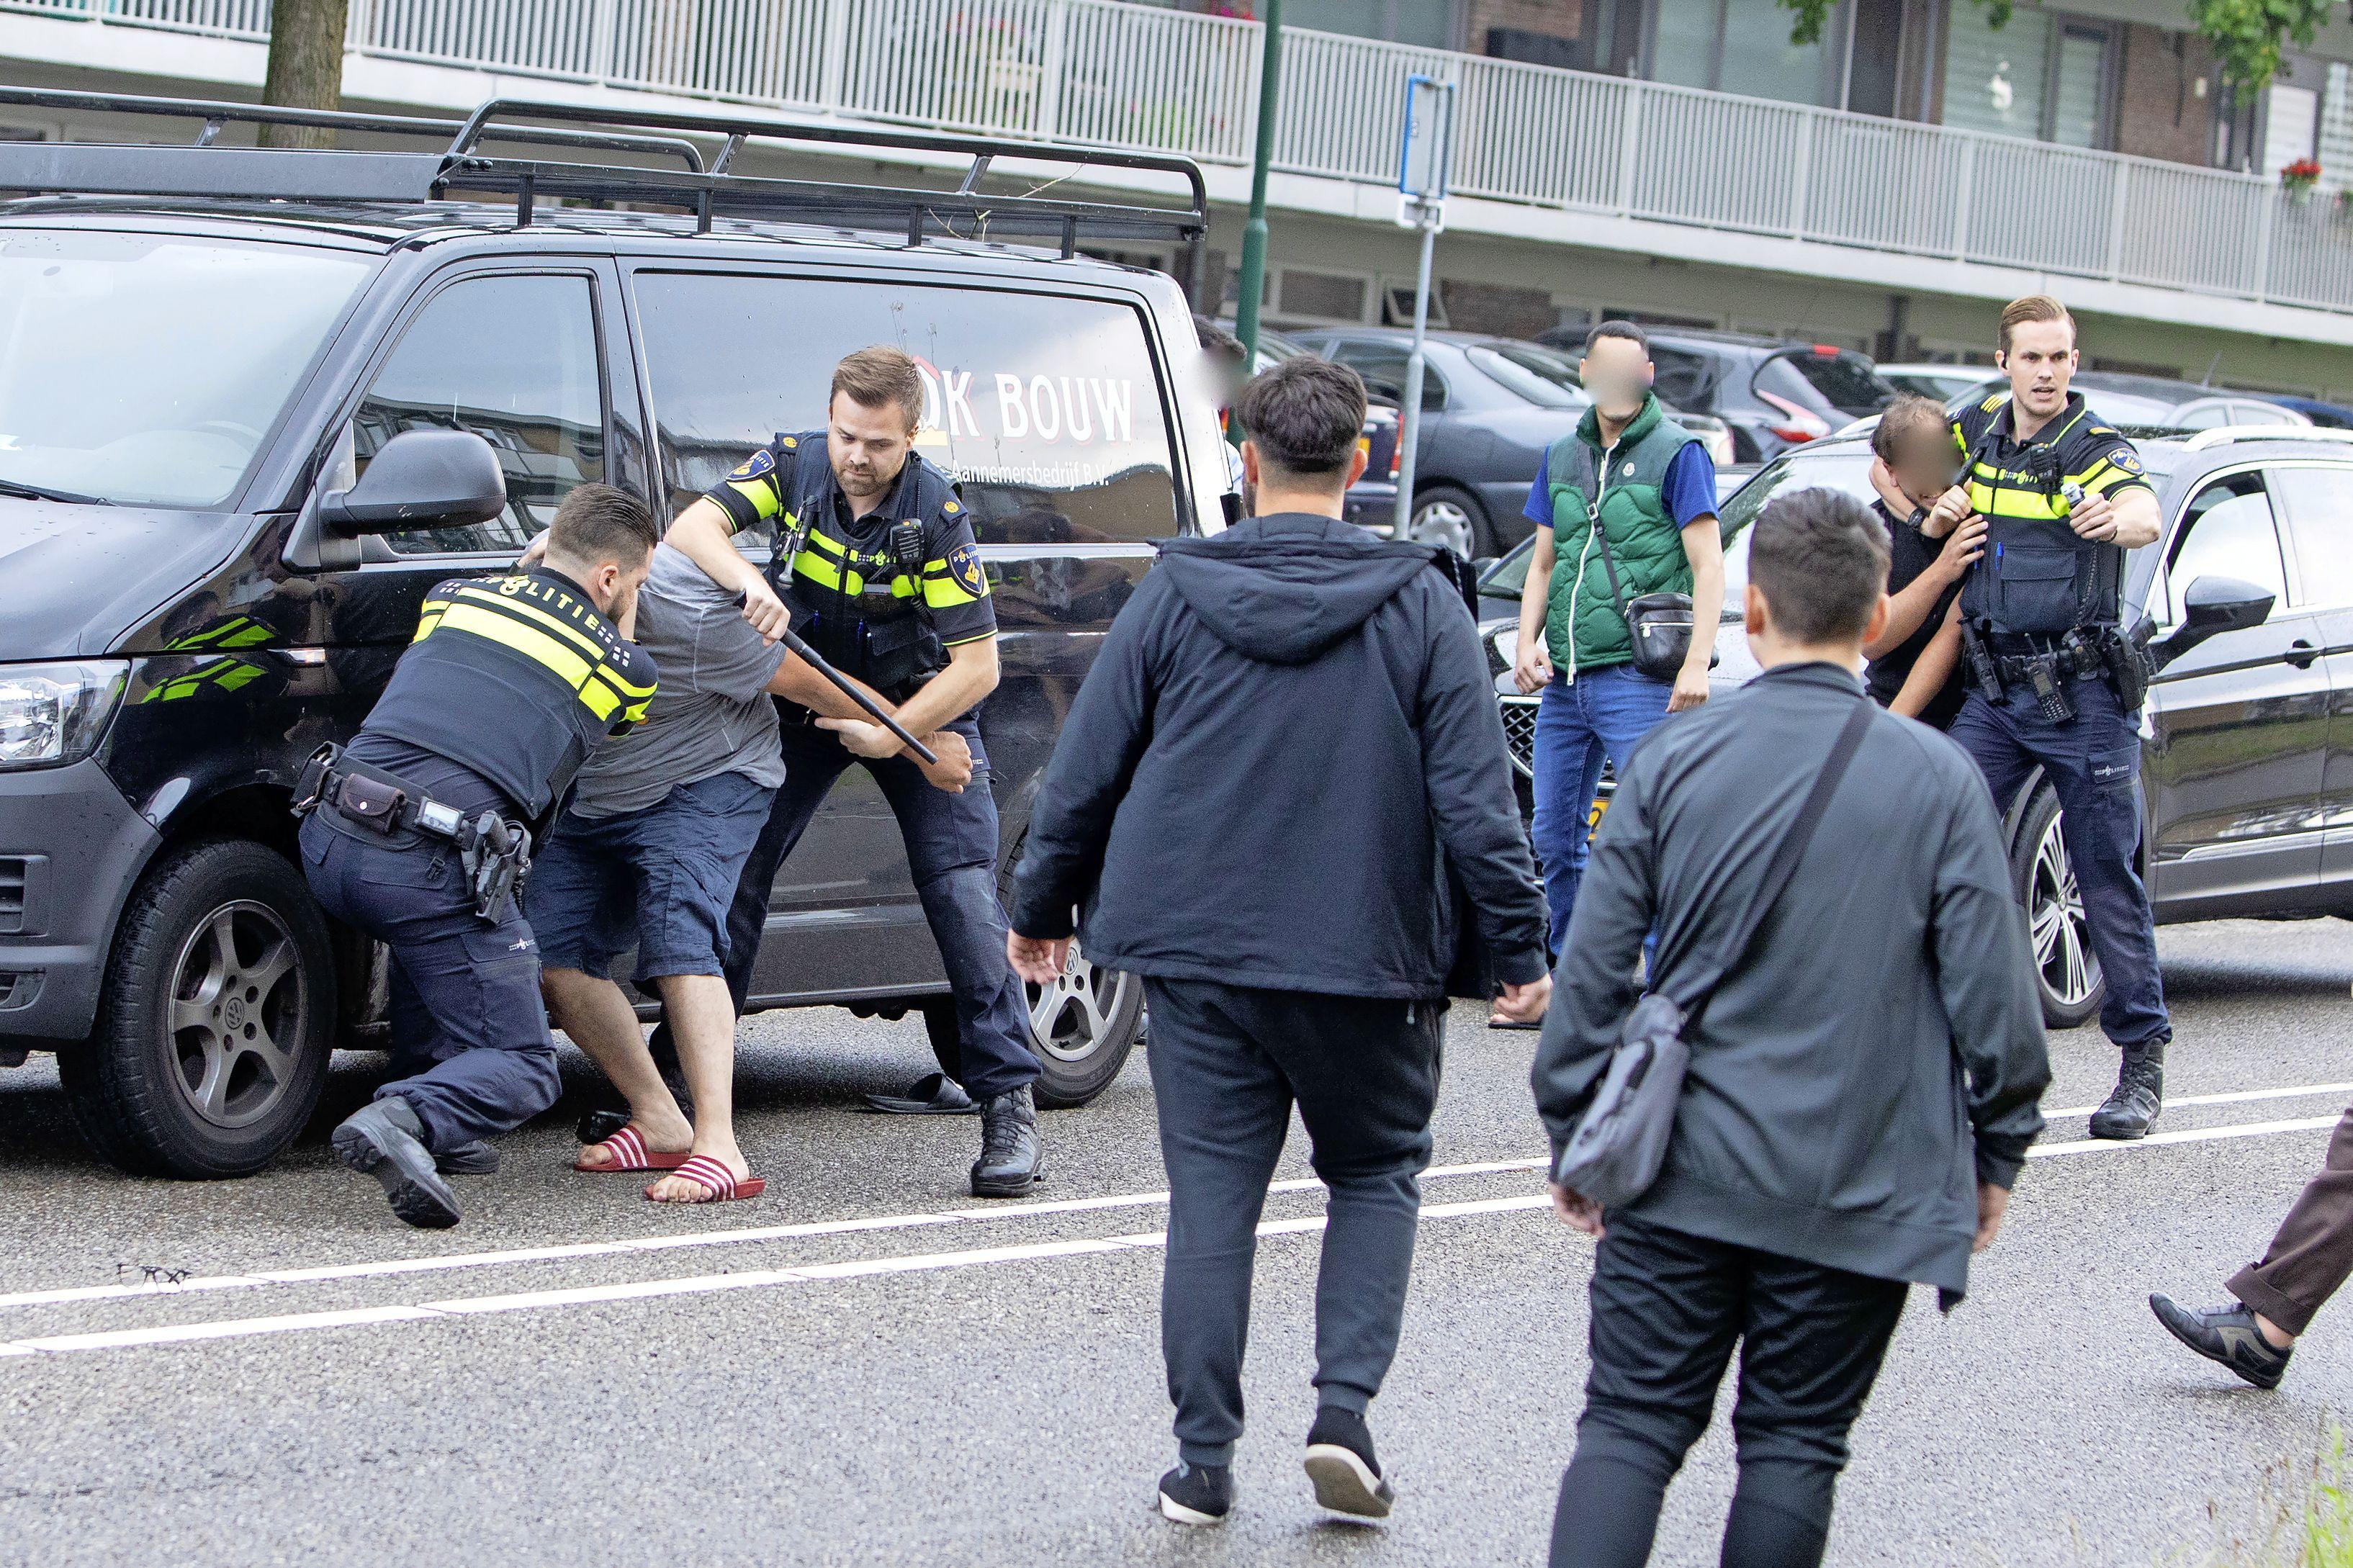 PvdA stelt vragen over 'onveilige' Dalweg in Soest na aanrijding met vechtpartij: 'Knap dat er nog geen dodelijk ongeval is geweest'